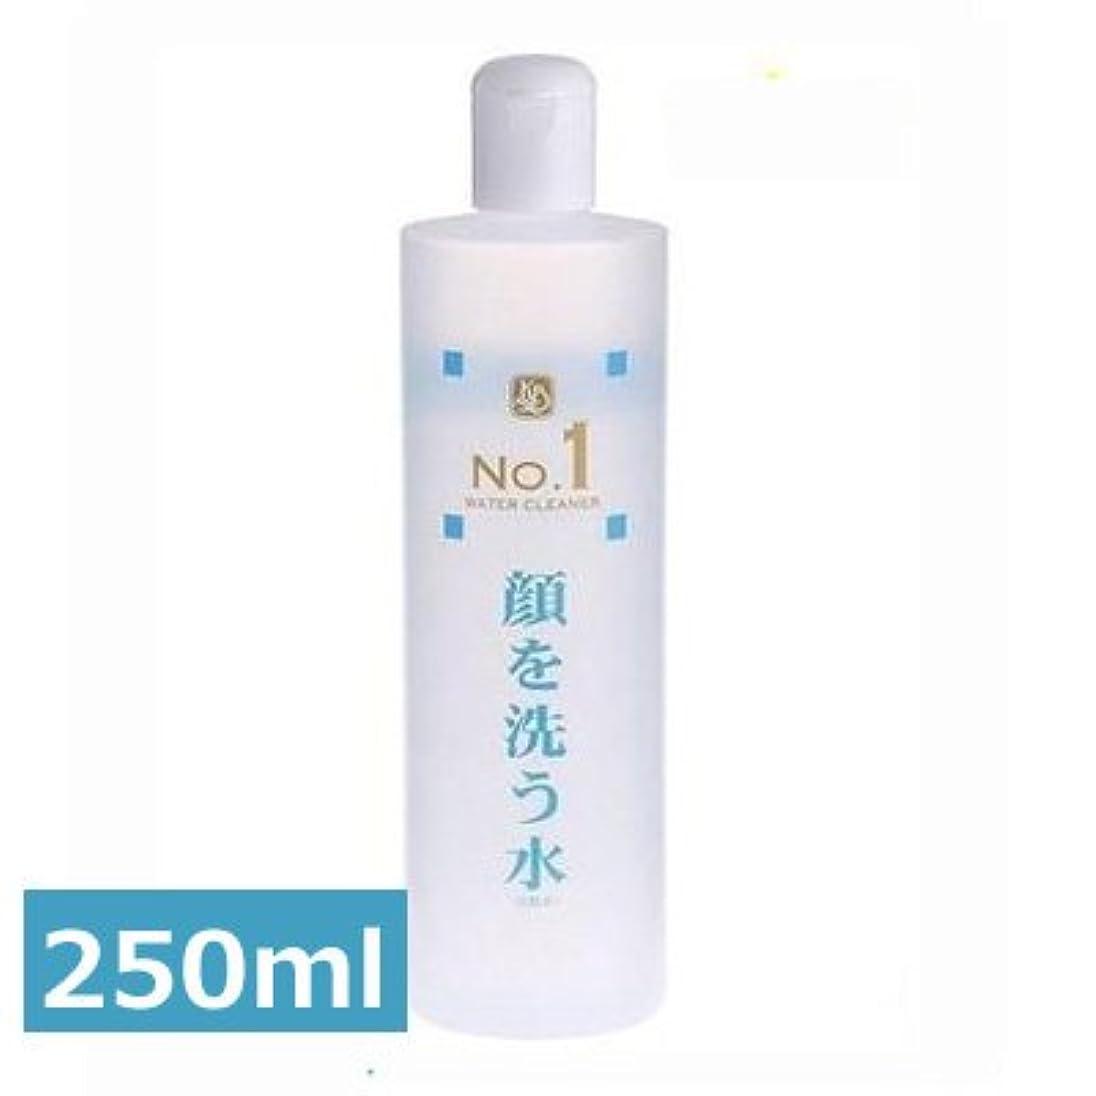 戦う内なるクリーナーウォータークリーナー カミヤマ美研 顔を洗う水 No.1 250ml 2本セット